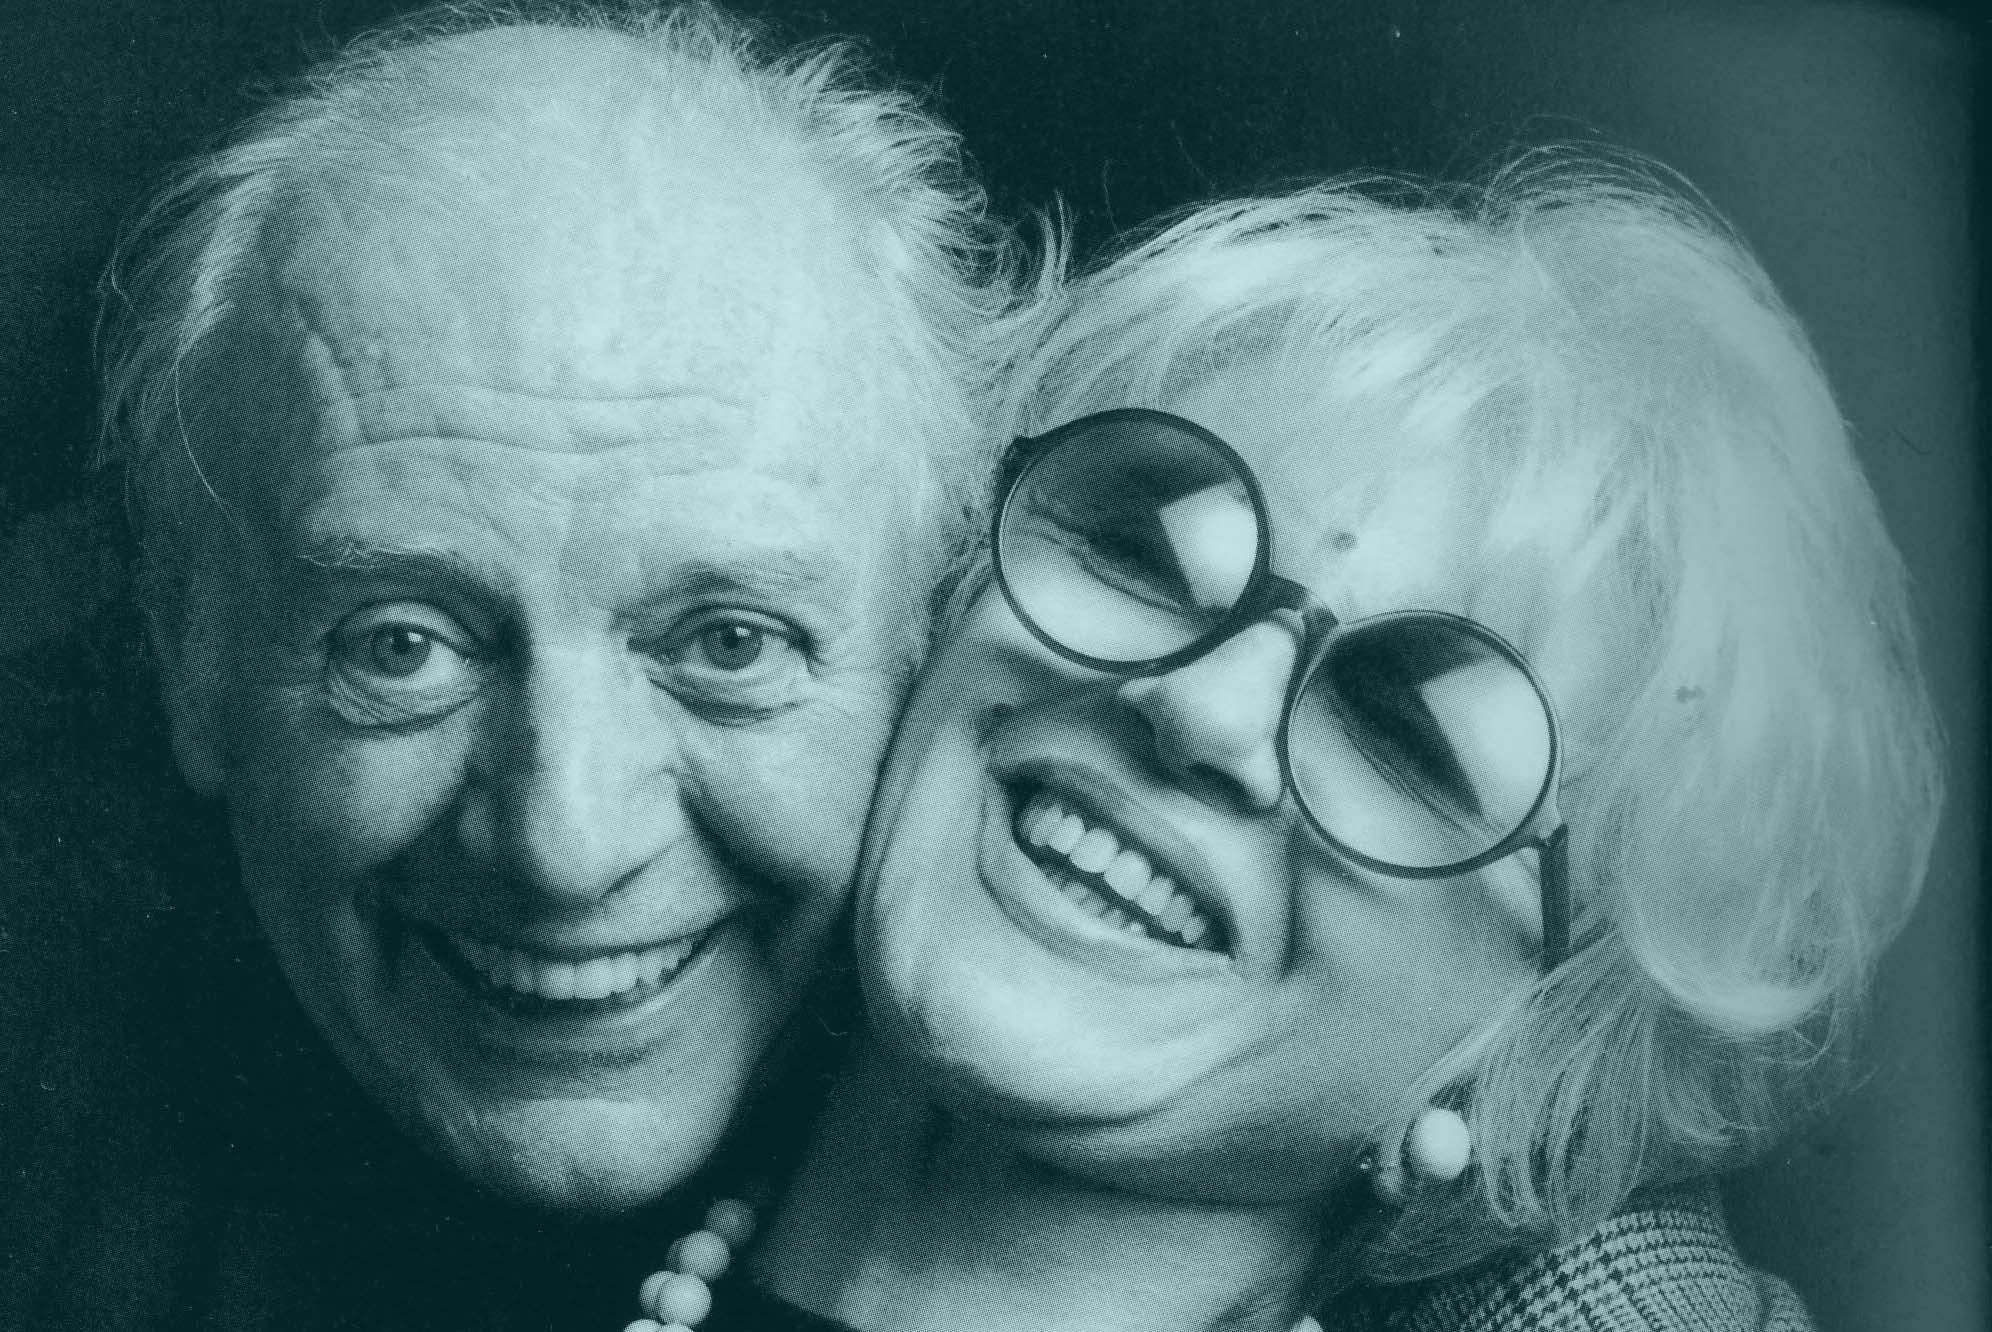 Coppie d'oro: Dario Fo e Franca Rame